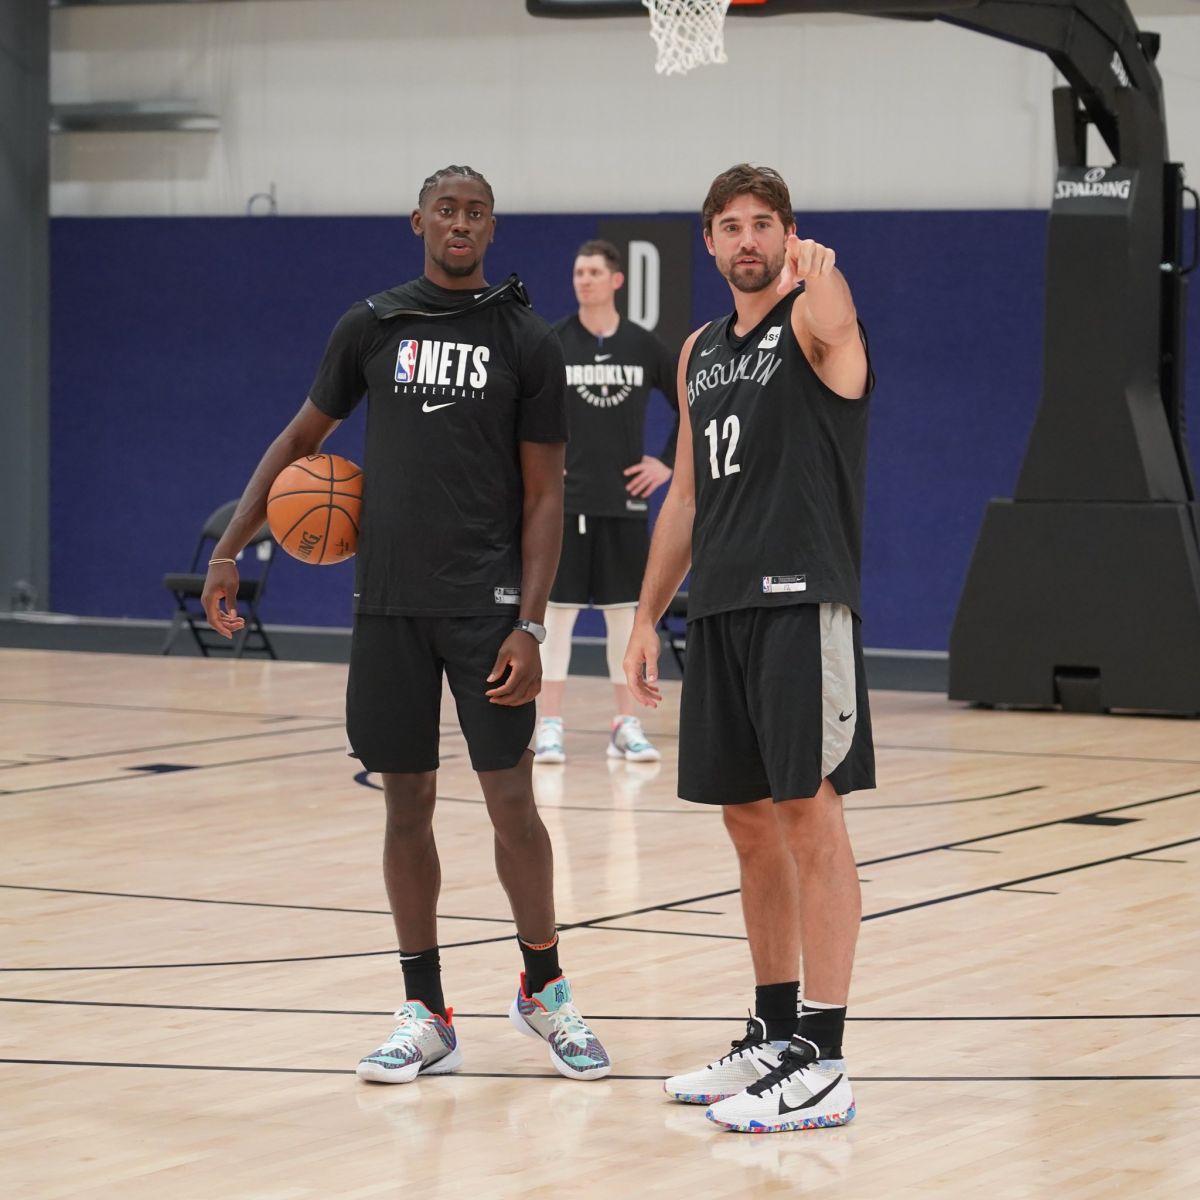 篮网官方推特发布最新训练照:在奥兰多的第一次训练